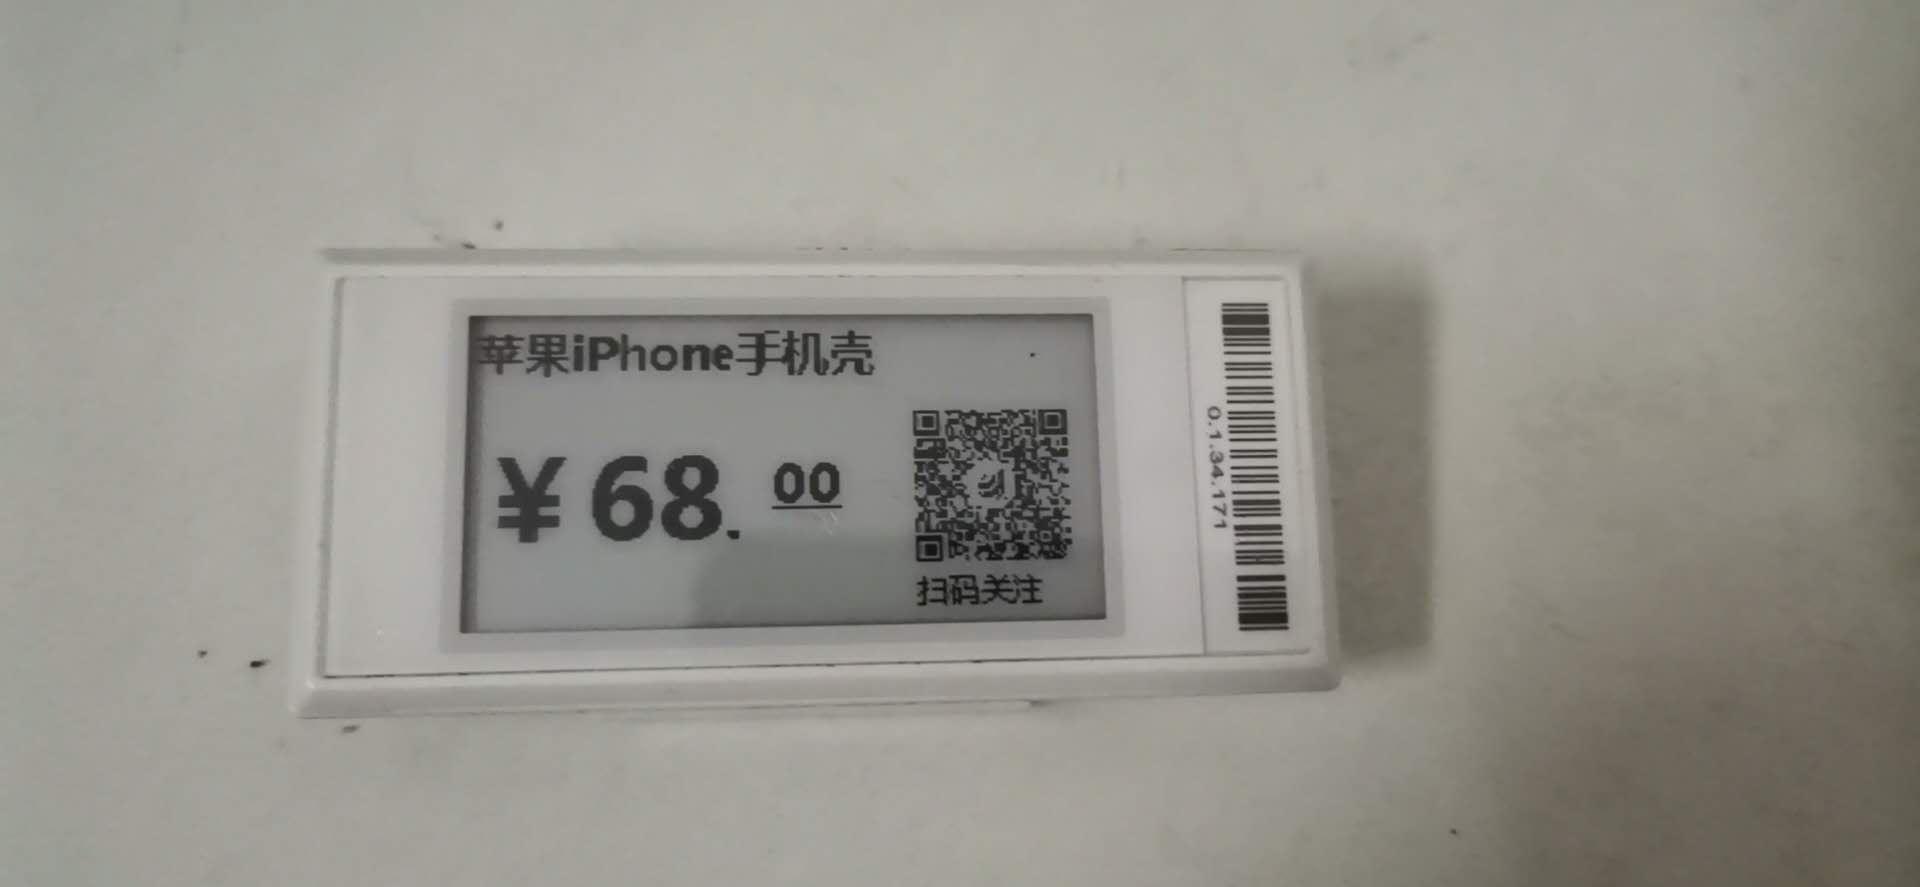 微信图片_20200611100420.jpg